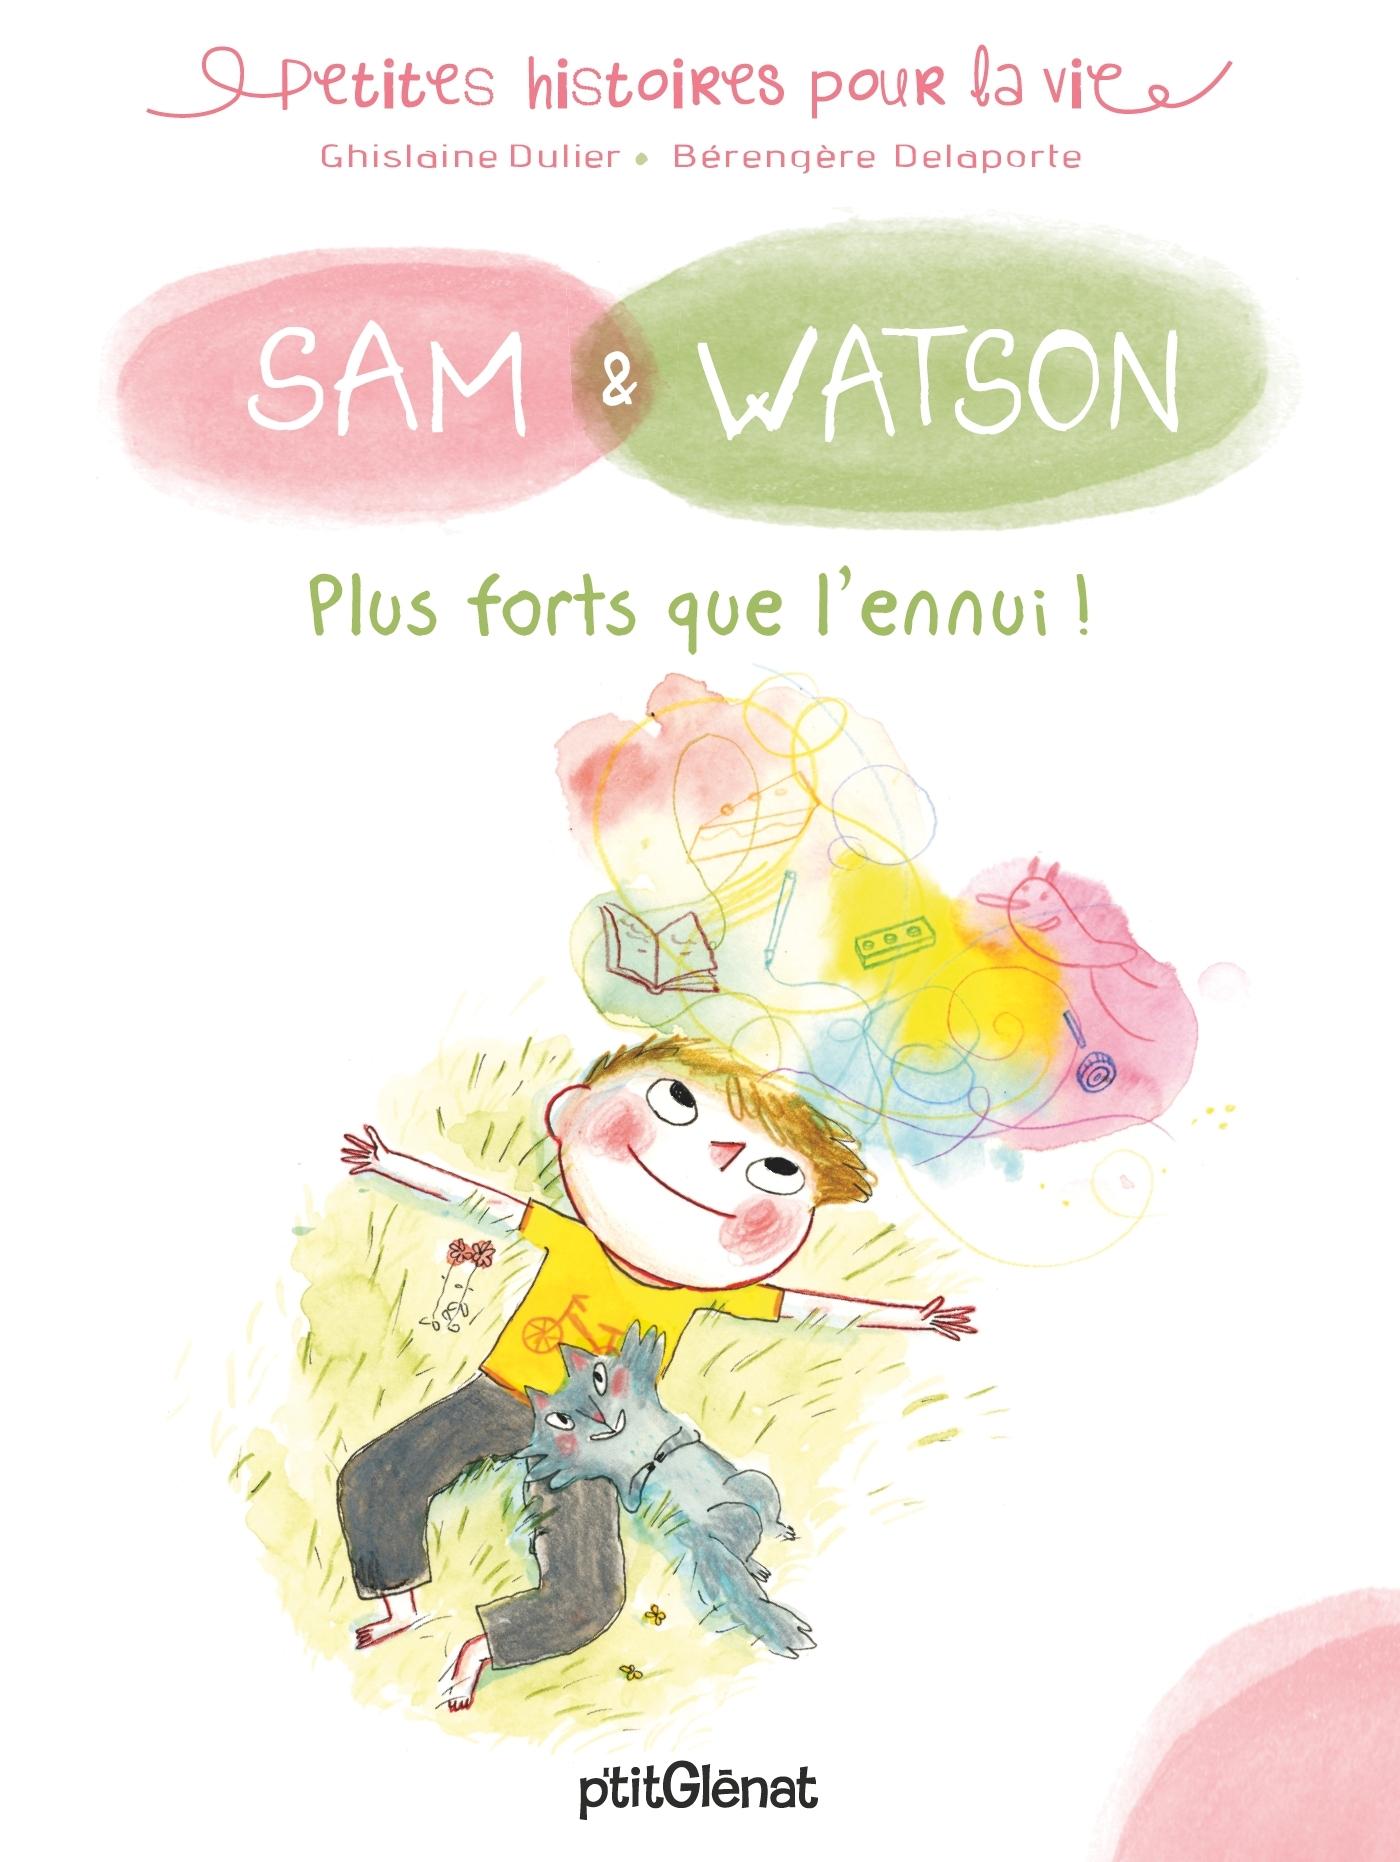 SAM & WATSON, PLUS FORTS QUE L'ENNUI !